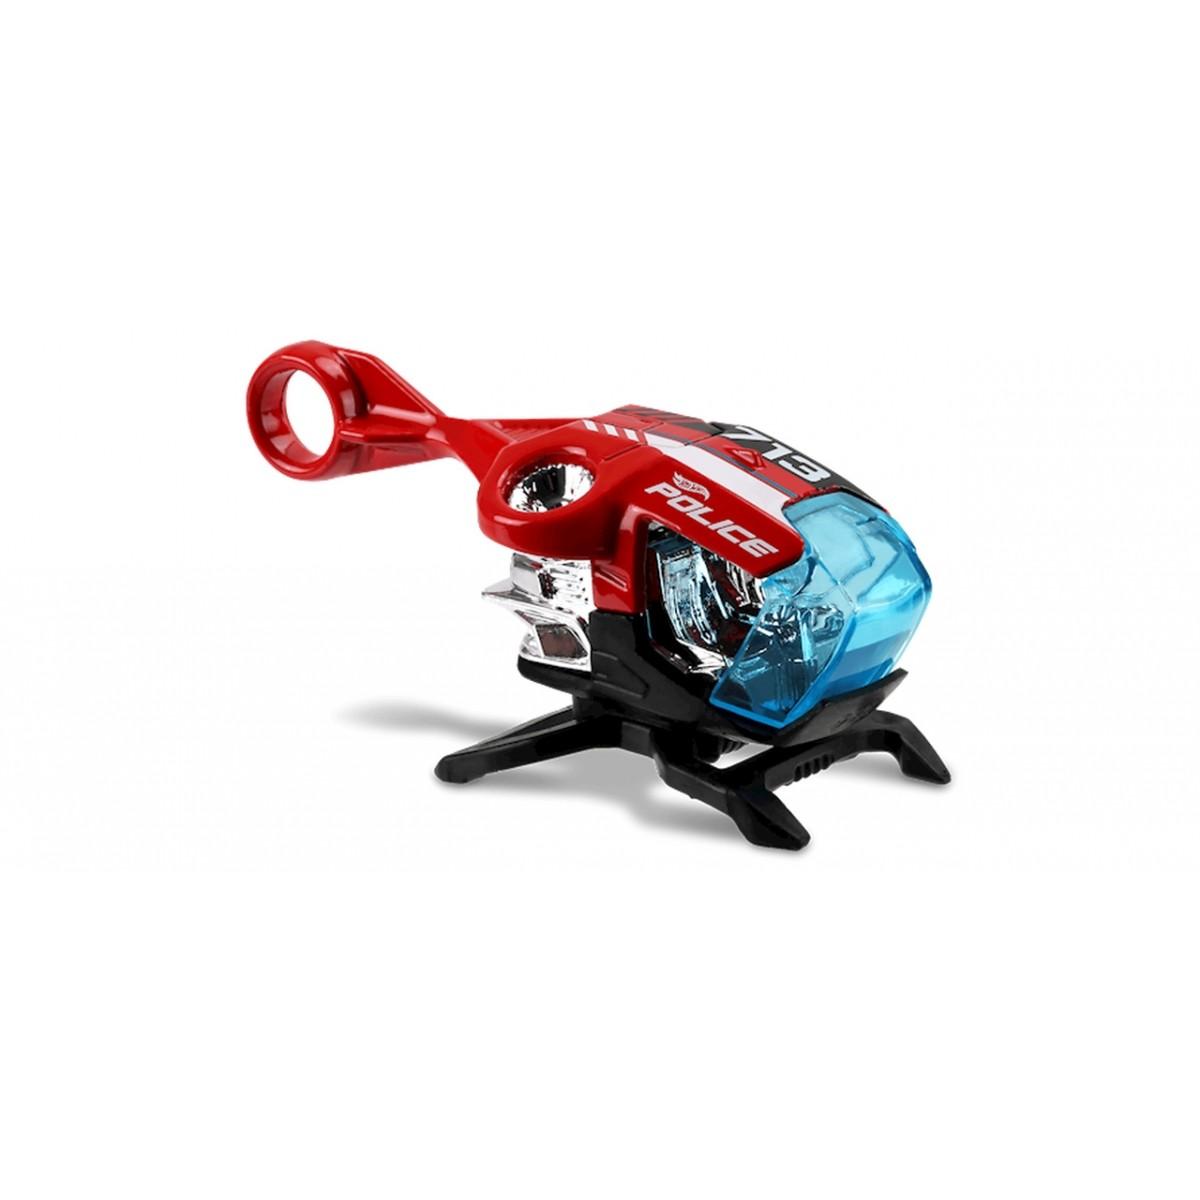 Carrinho Hot Wheels: SKY FI Vermelho